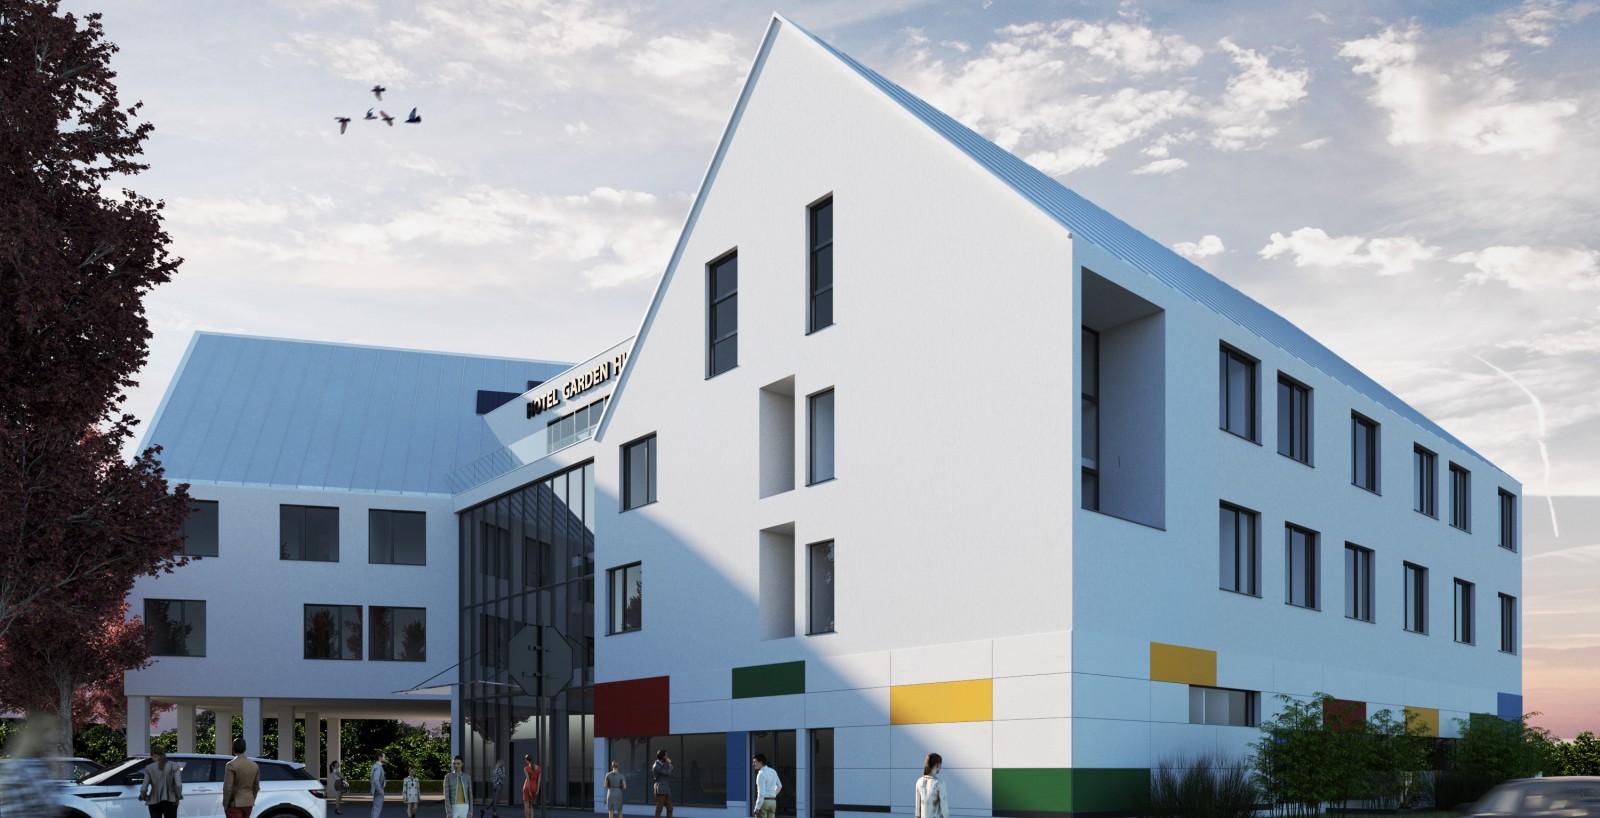 Garden Hill- uskoro otvorenje luksuznog hotela u Velikoj Gorici